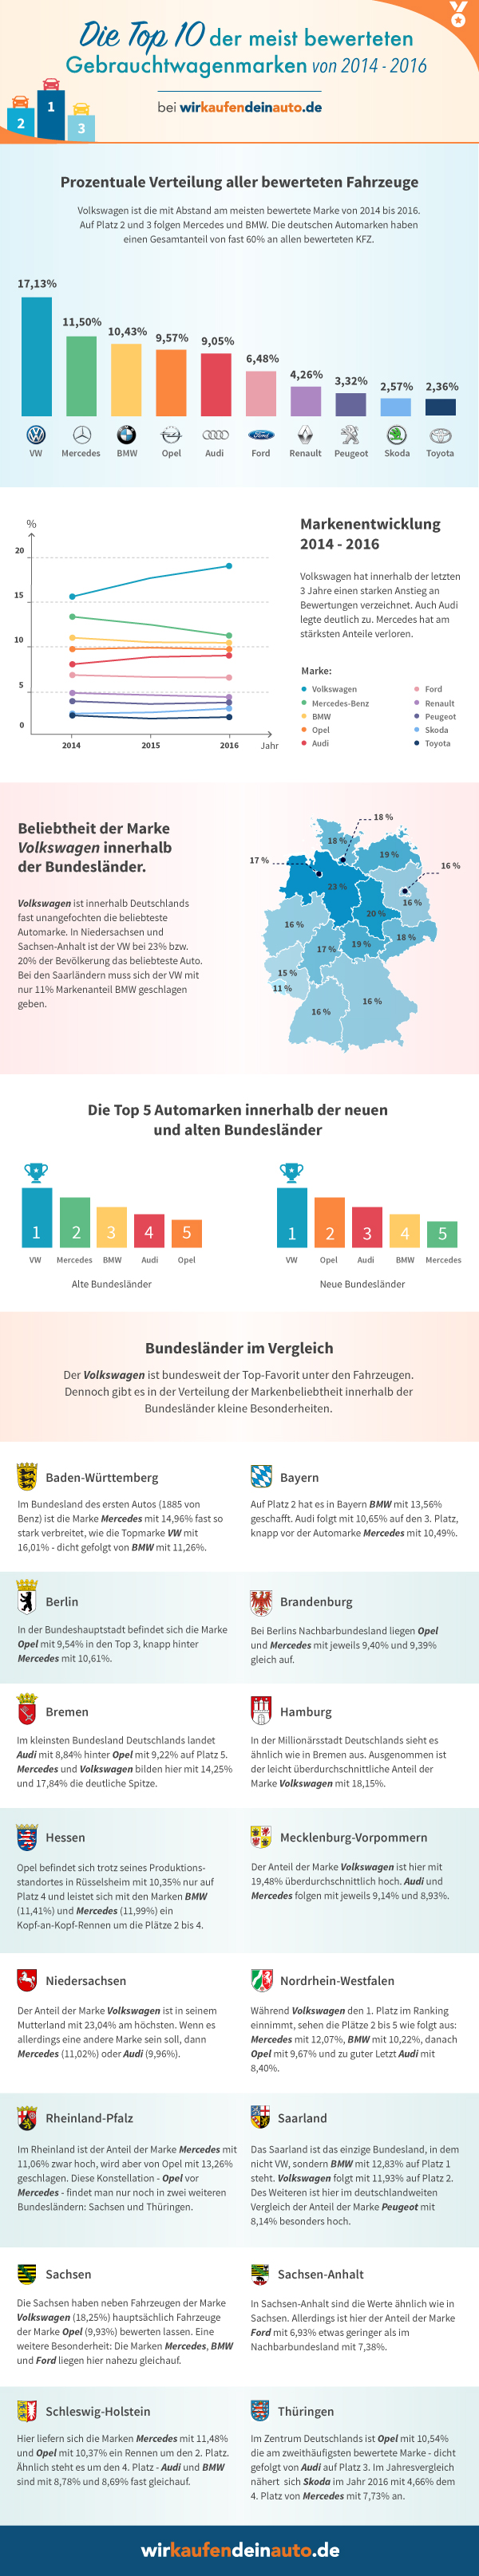 Infografik TOP 10 der Gebrauchtwagenmarken